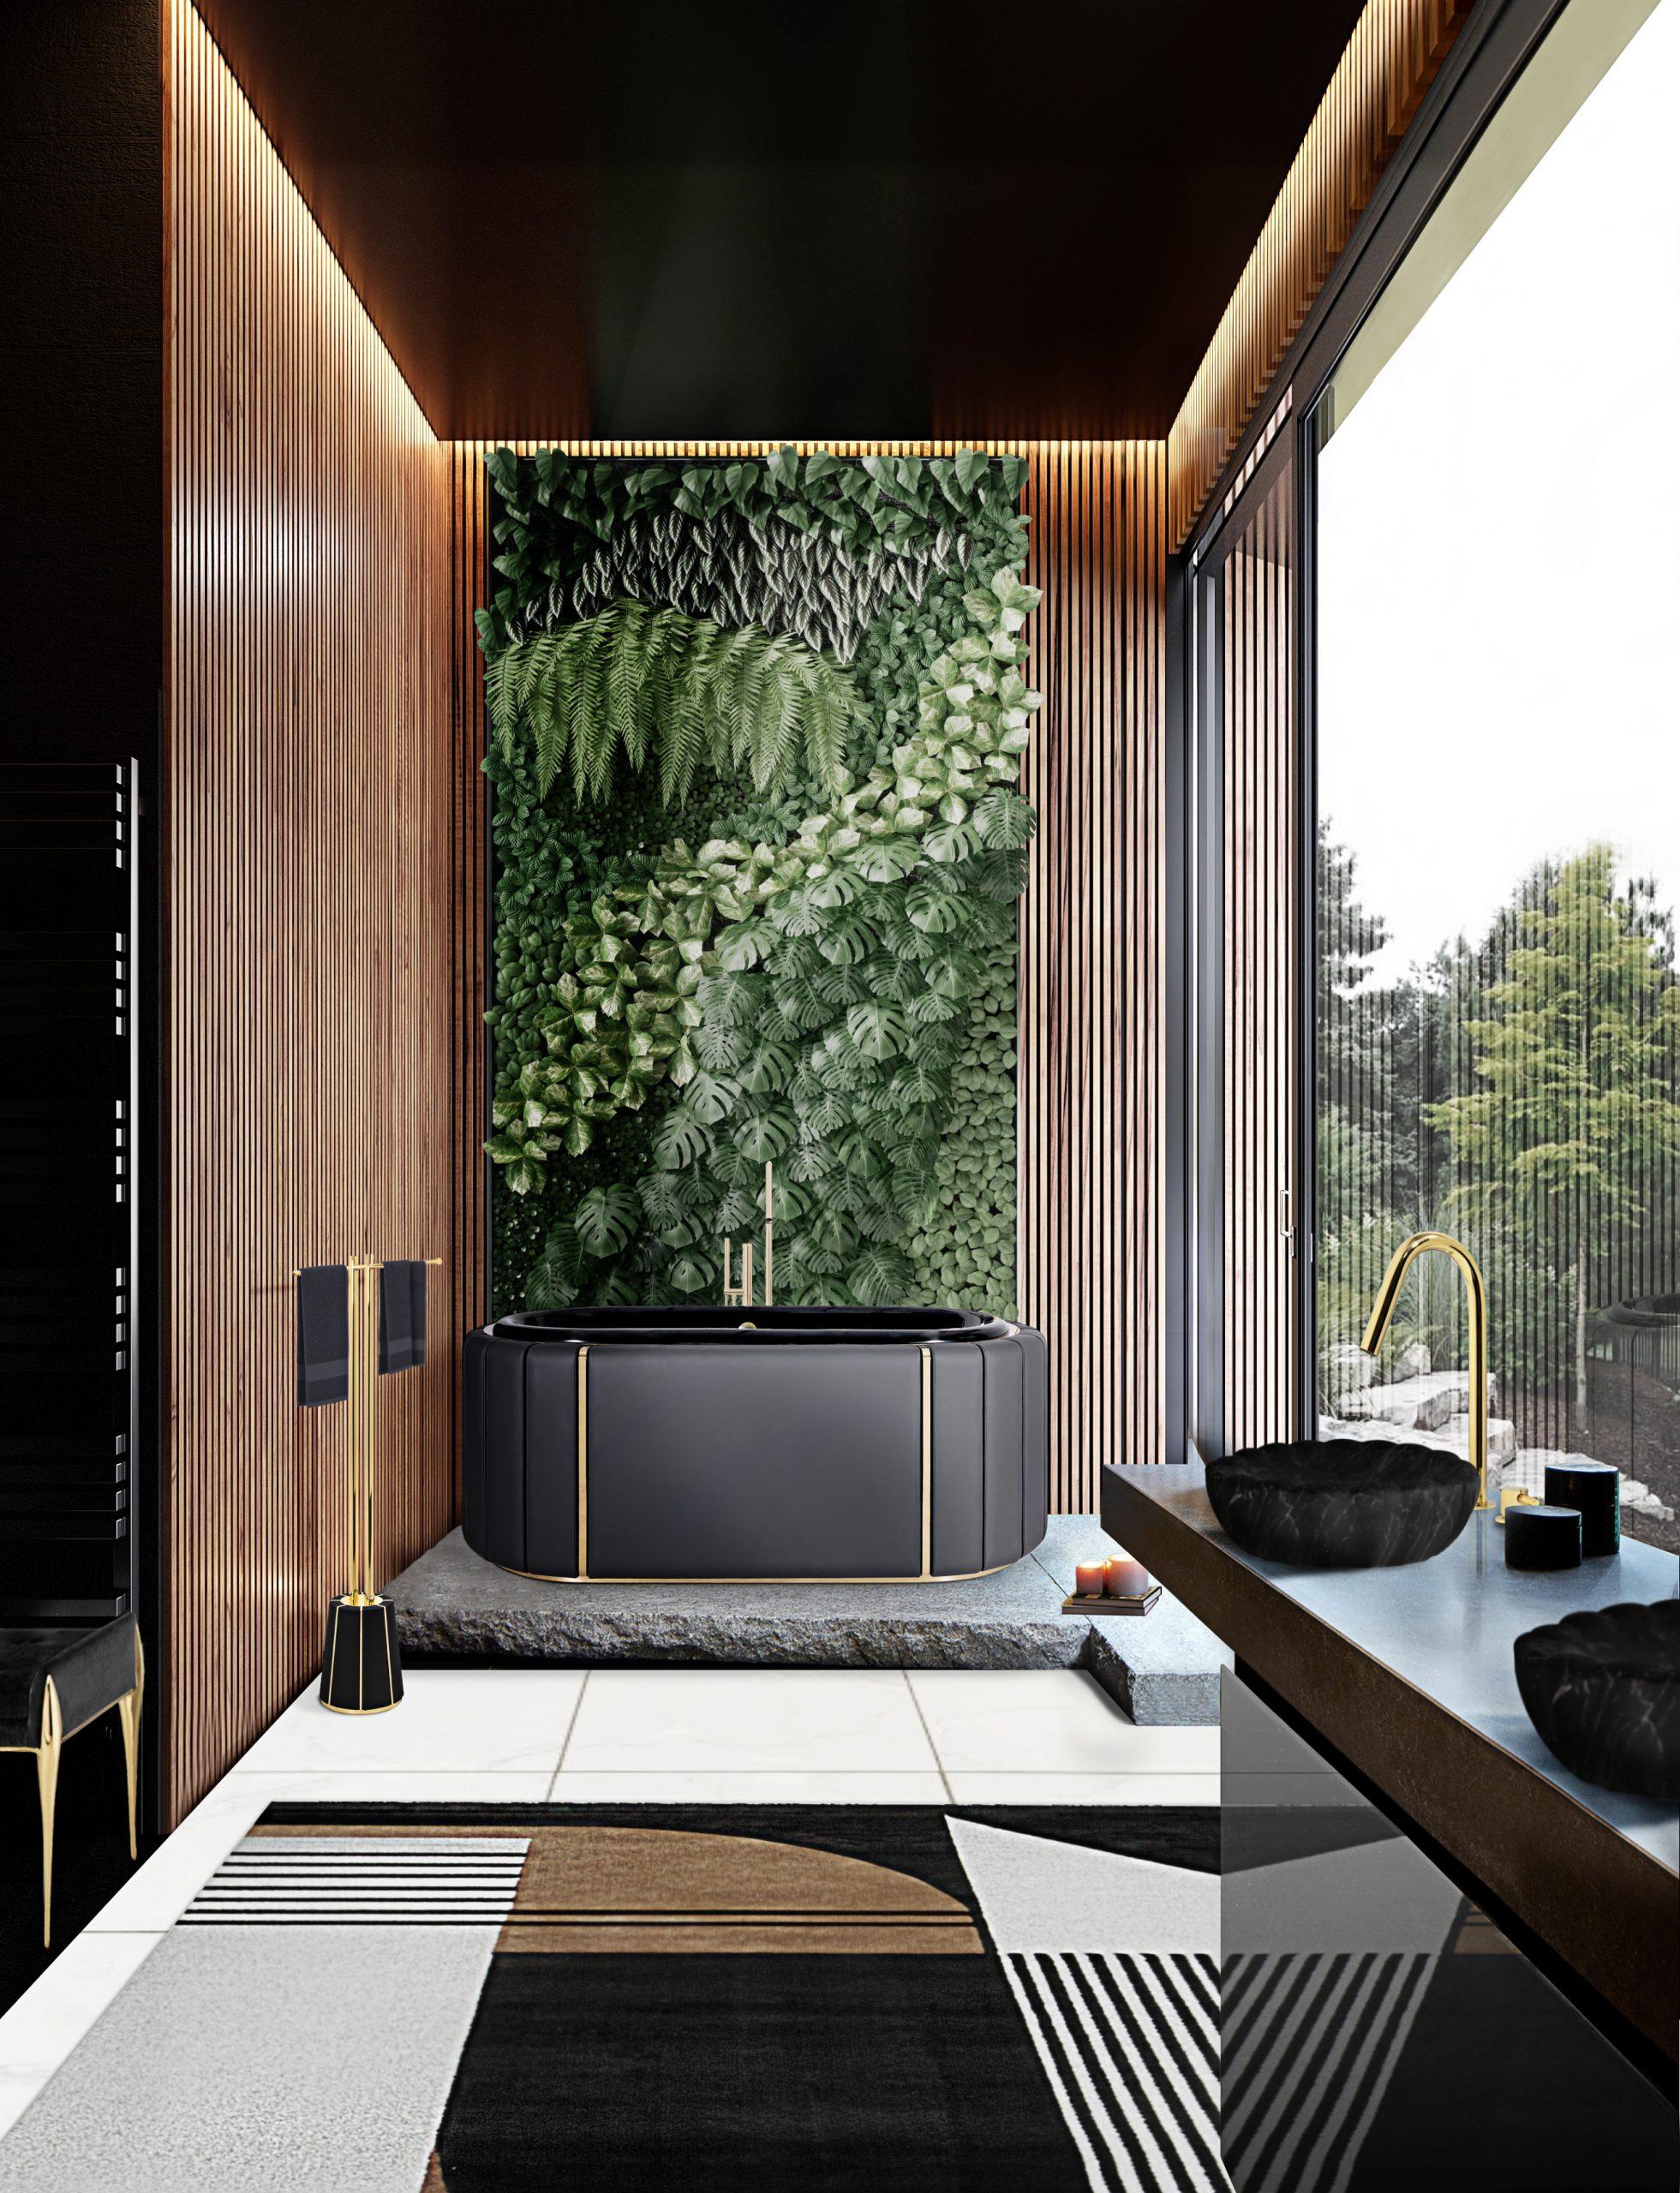 Darian Bathroom - Interior Design Ideas For Your Bathroom home inspiration ideas